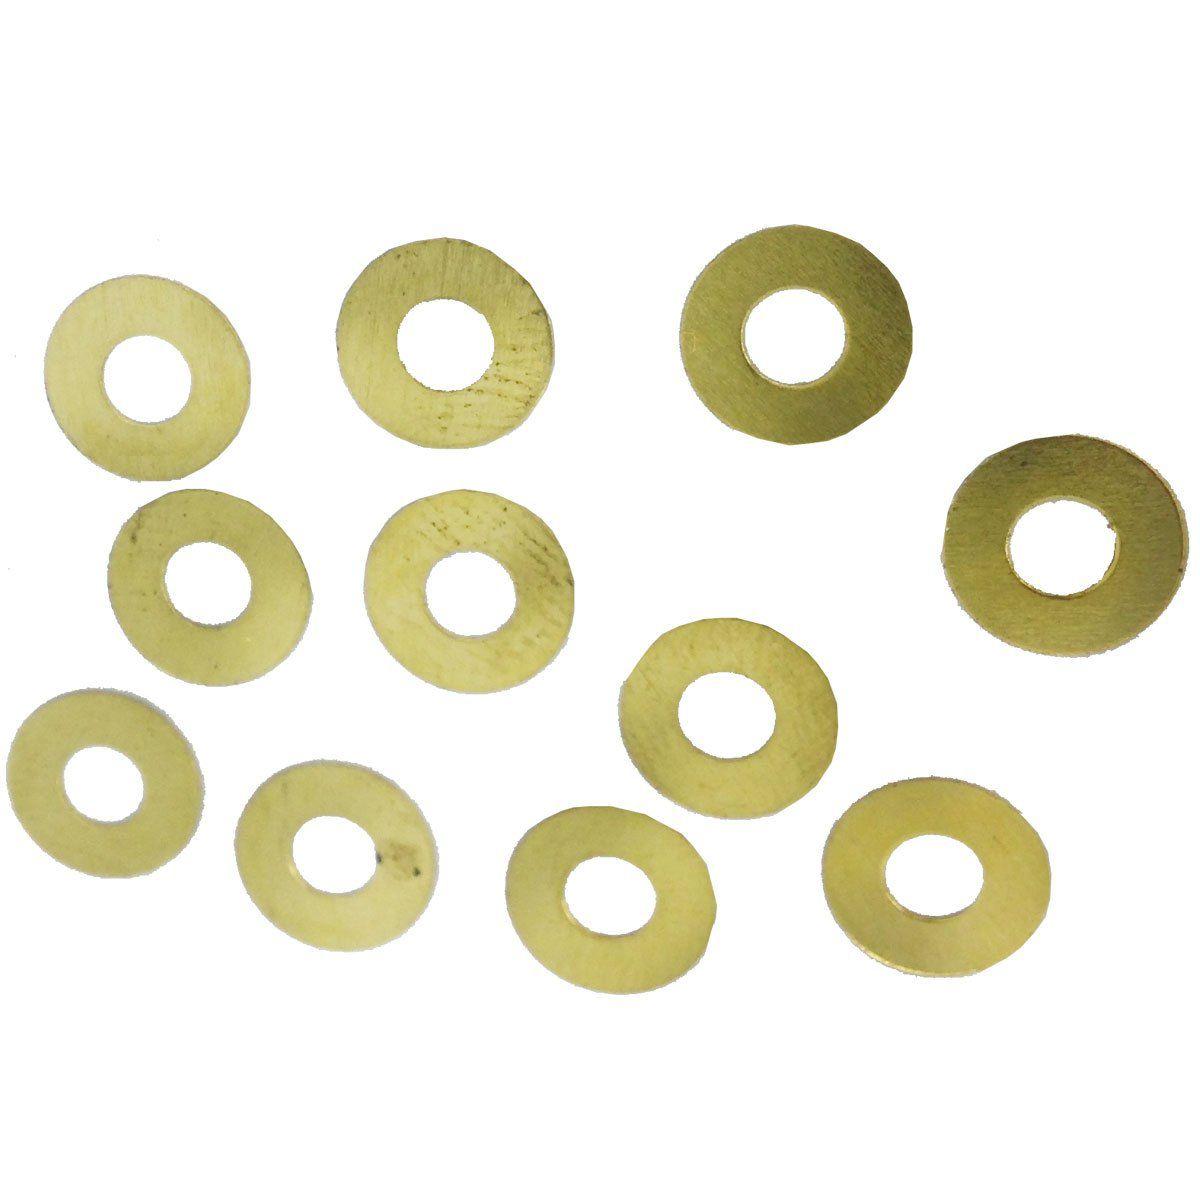 Conjuntos de Calços para Engrenagens Shims SHS